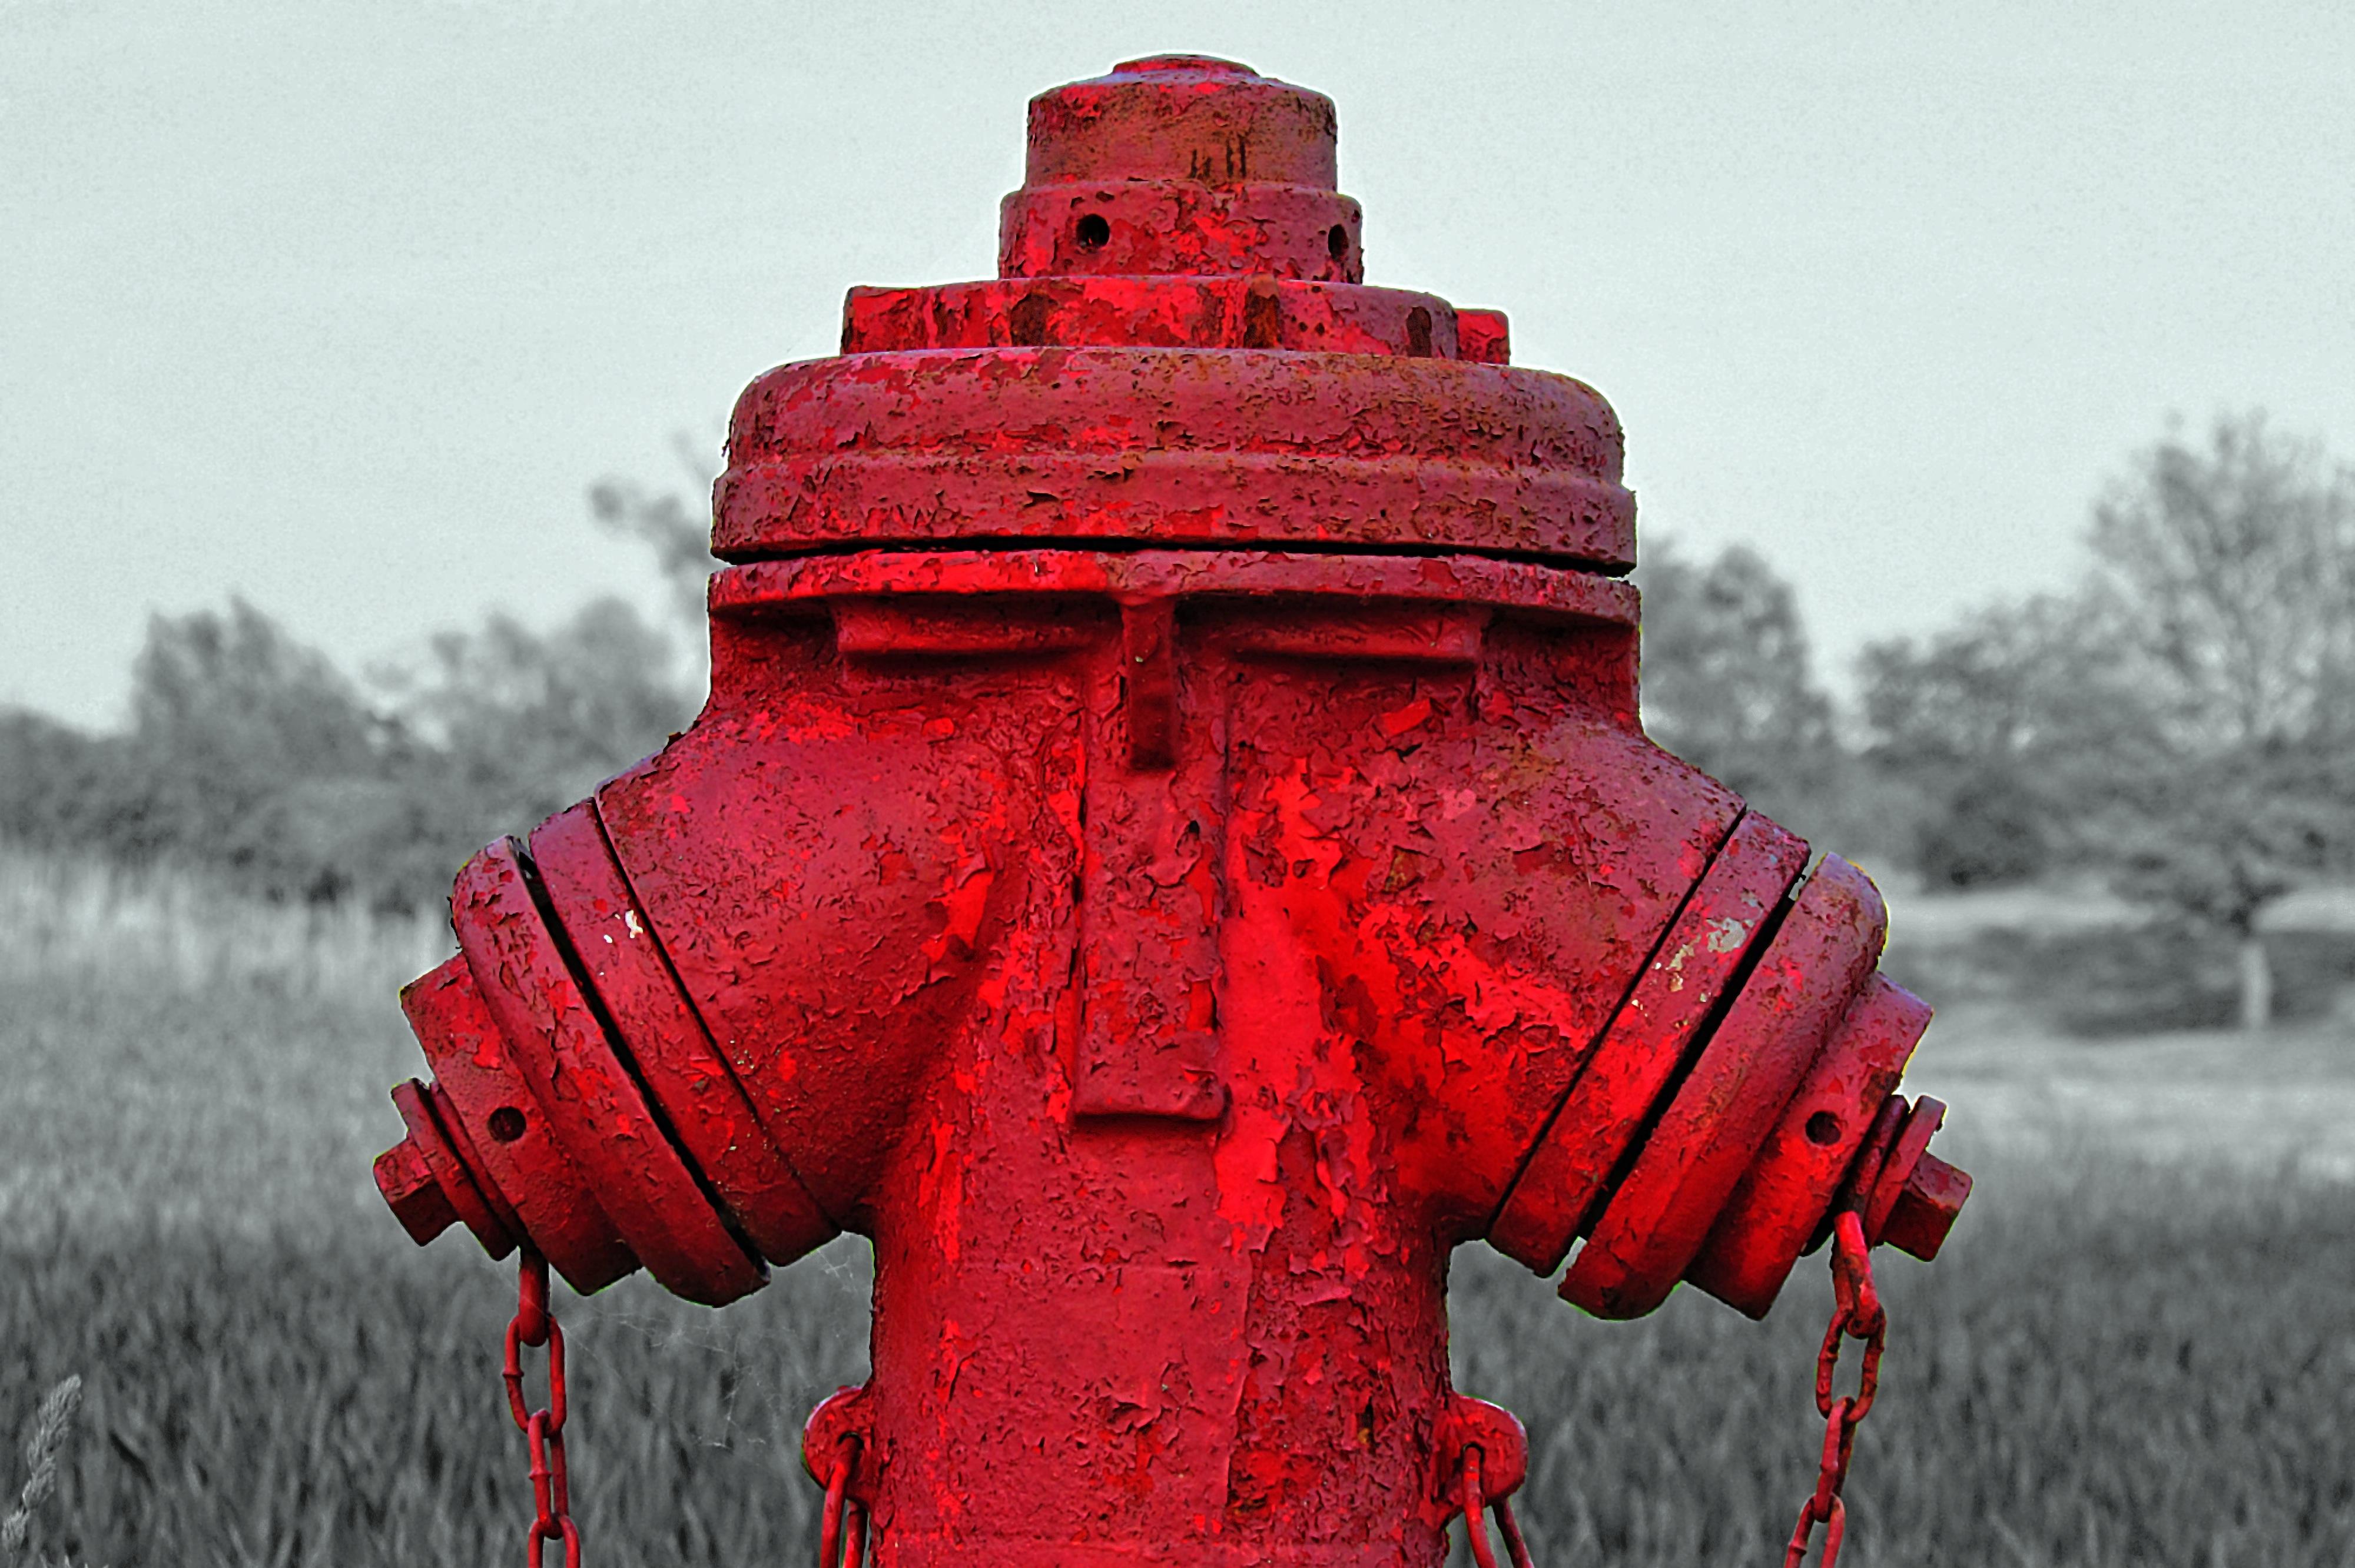 числе новобранцев что такое пожарный гидрант фото отметить